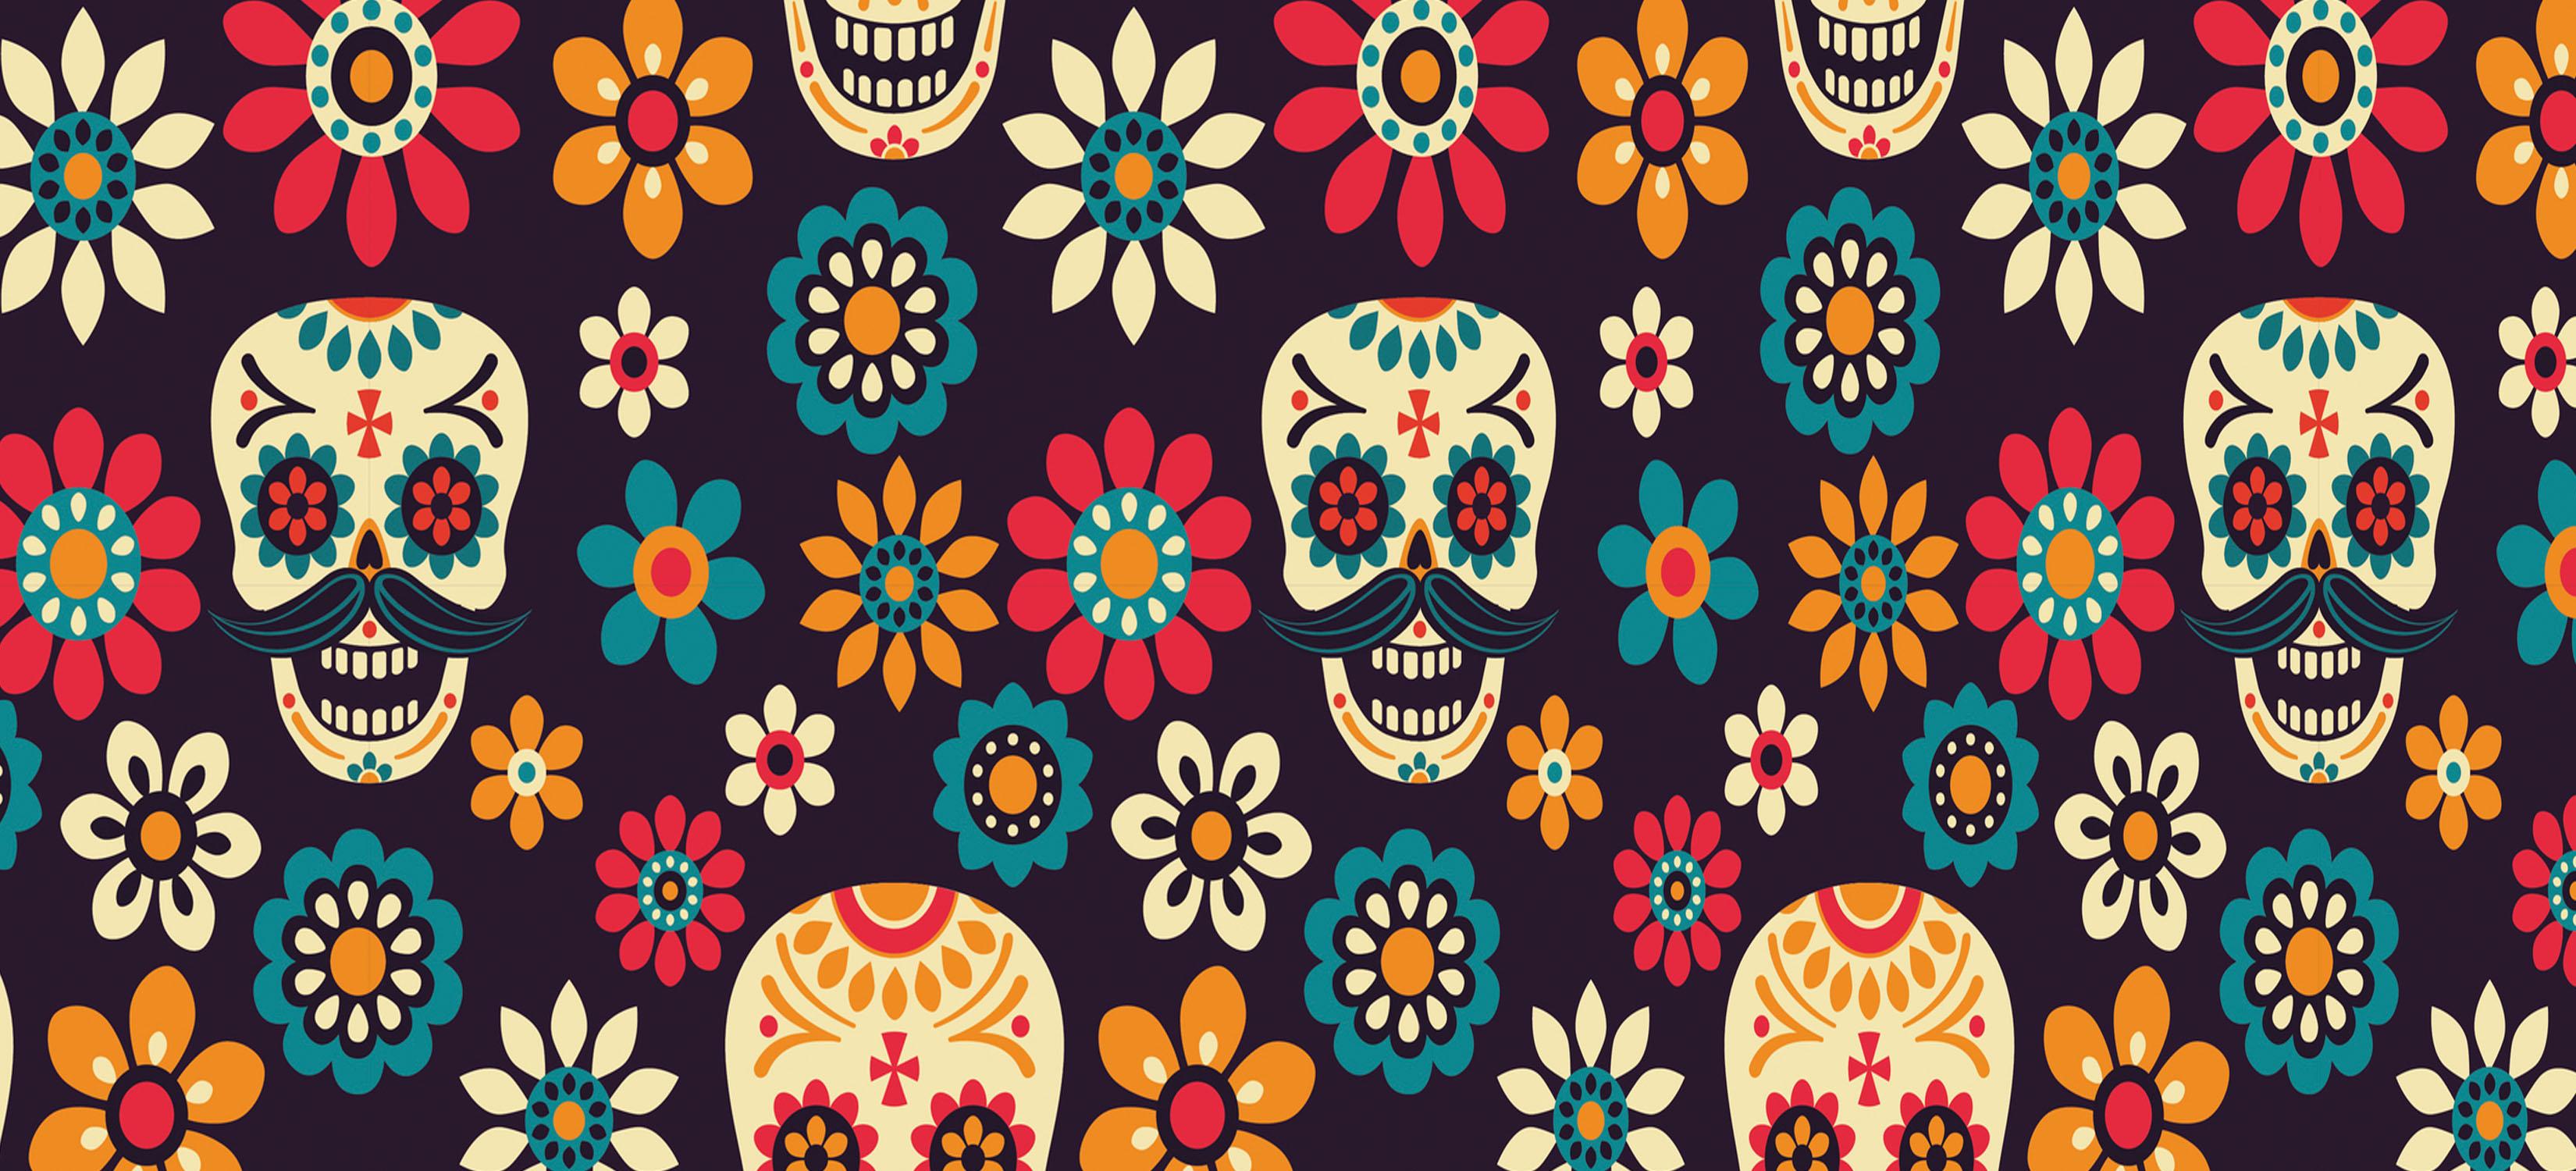 Ontario Arts Culture Dia De Los Muertos Celebration